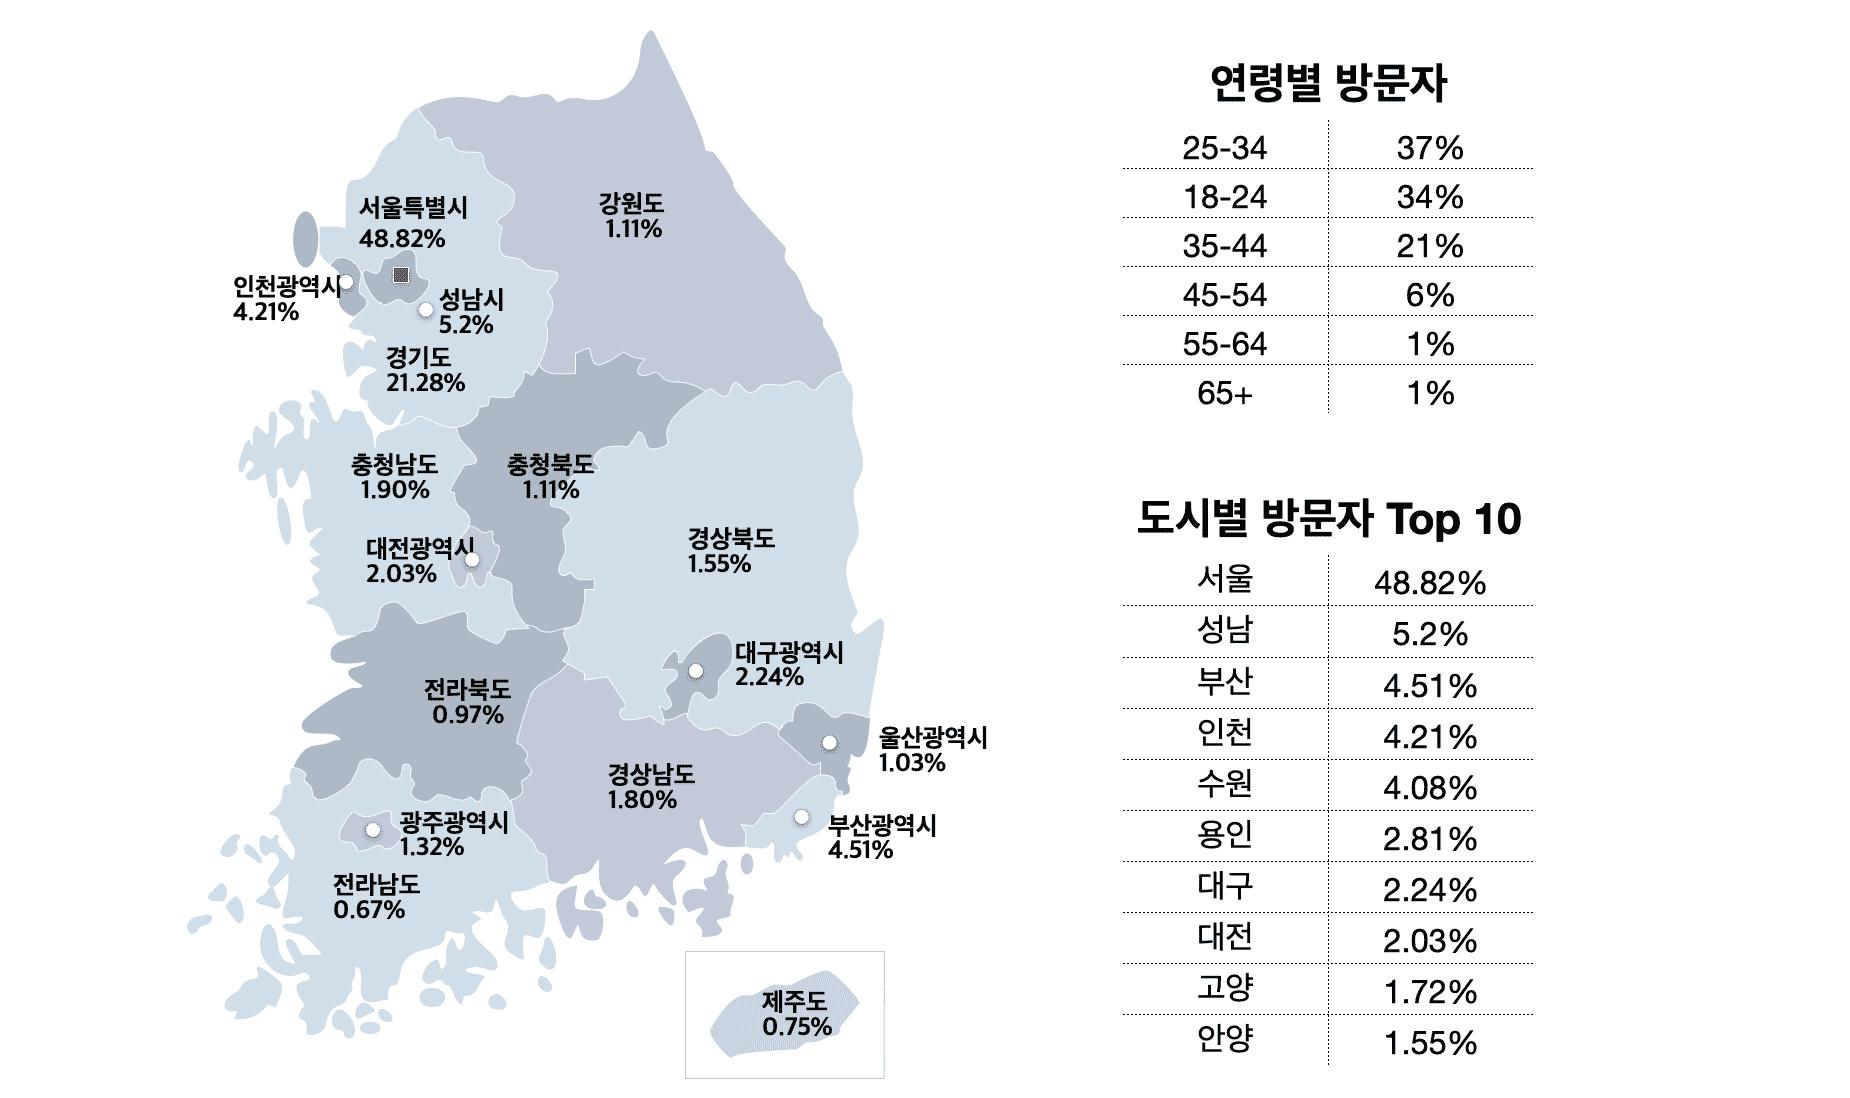 인프런_2020_지역별